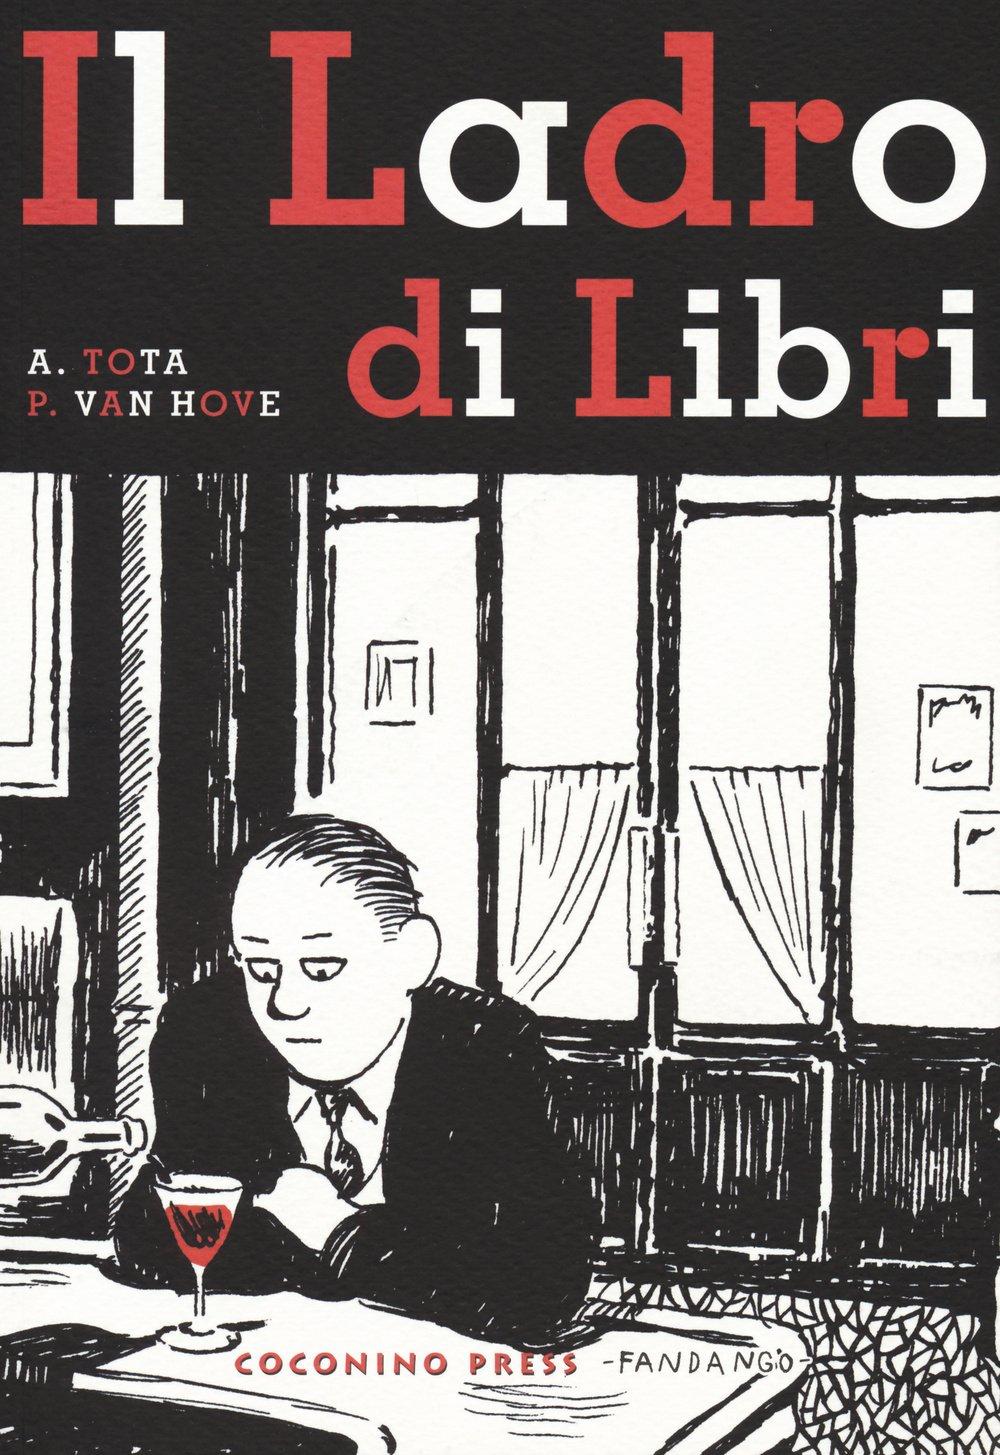 Il Ladro di Libri: un viaggio profondo e tragicomico a fumetti nella Parigi degli Anni Cinquanta